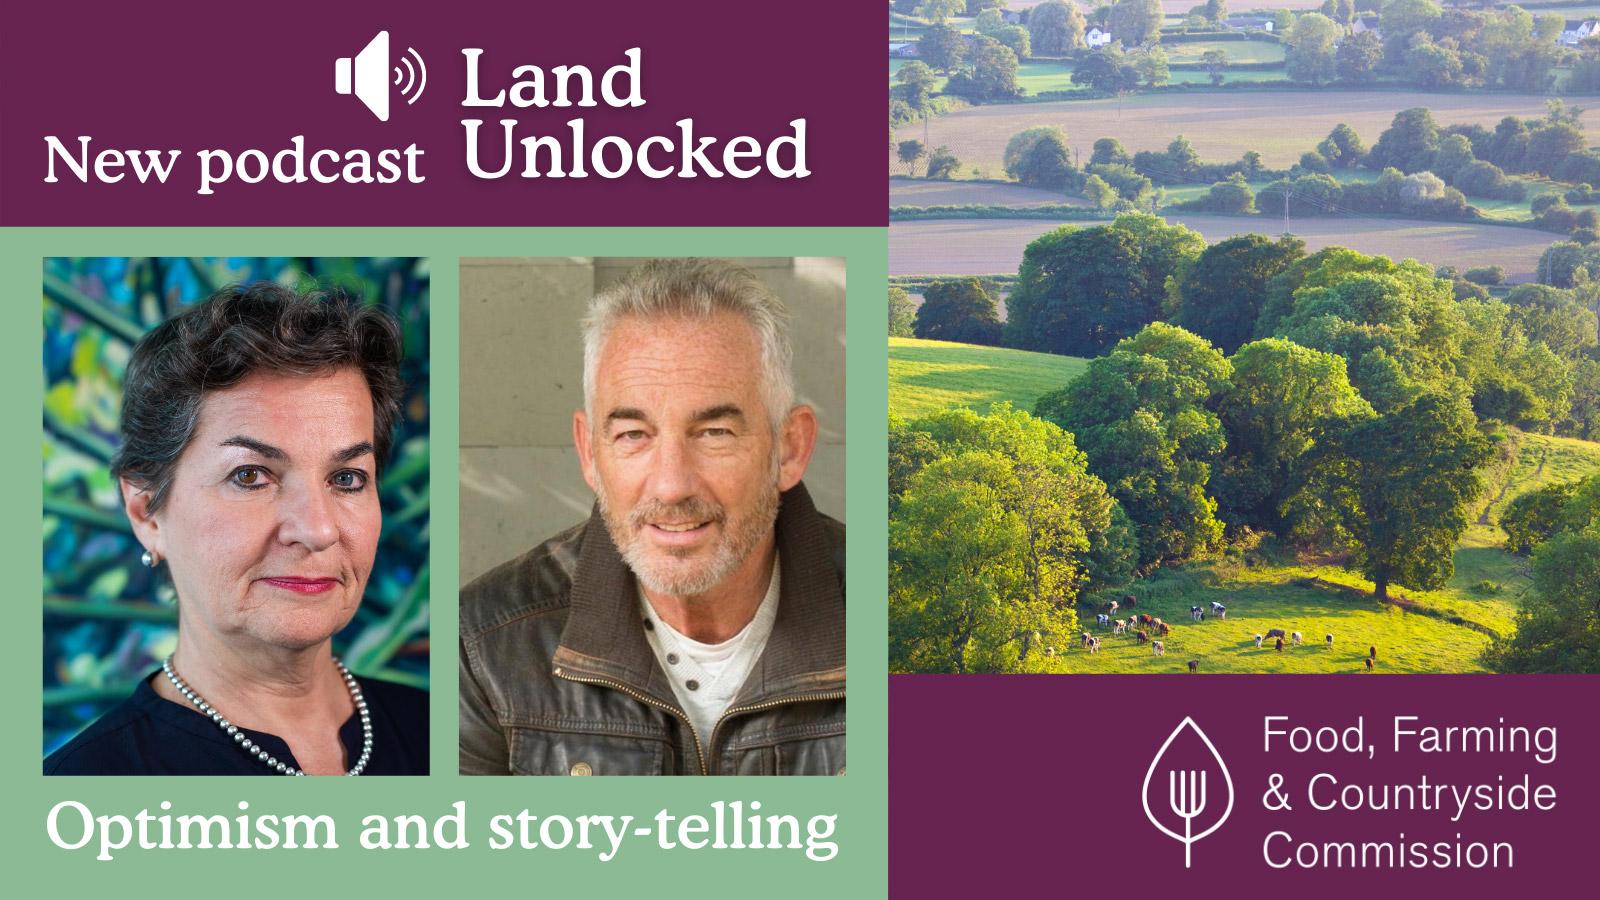 Land Unlocked - Optimism & story-telling